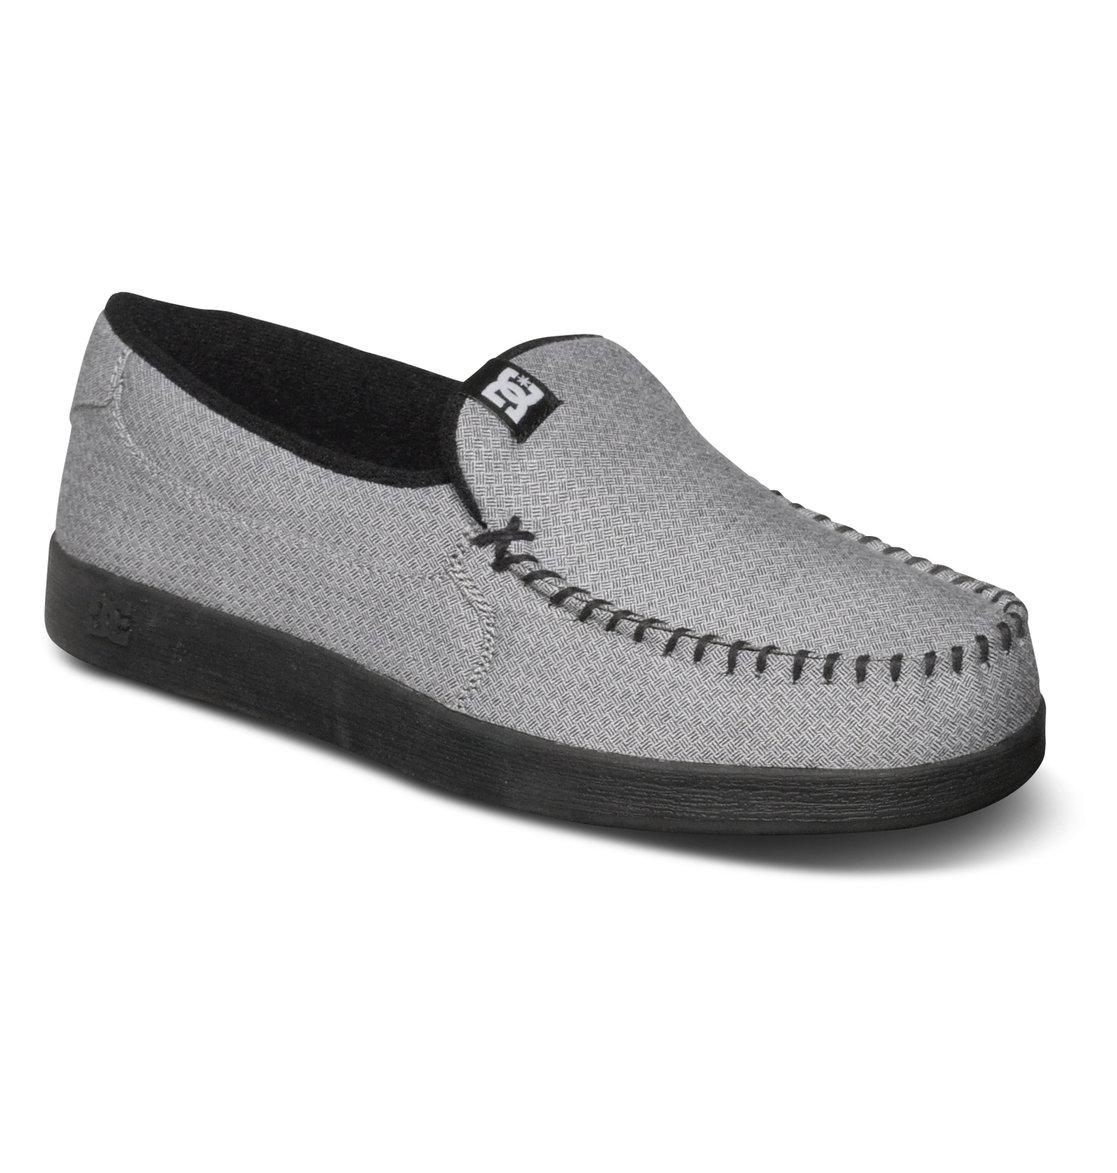 dc shoes mens villain tx slip on shoes black xkkk